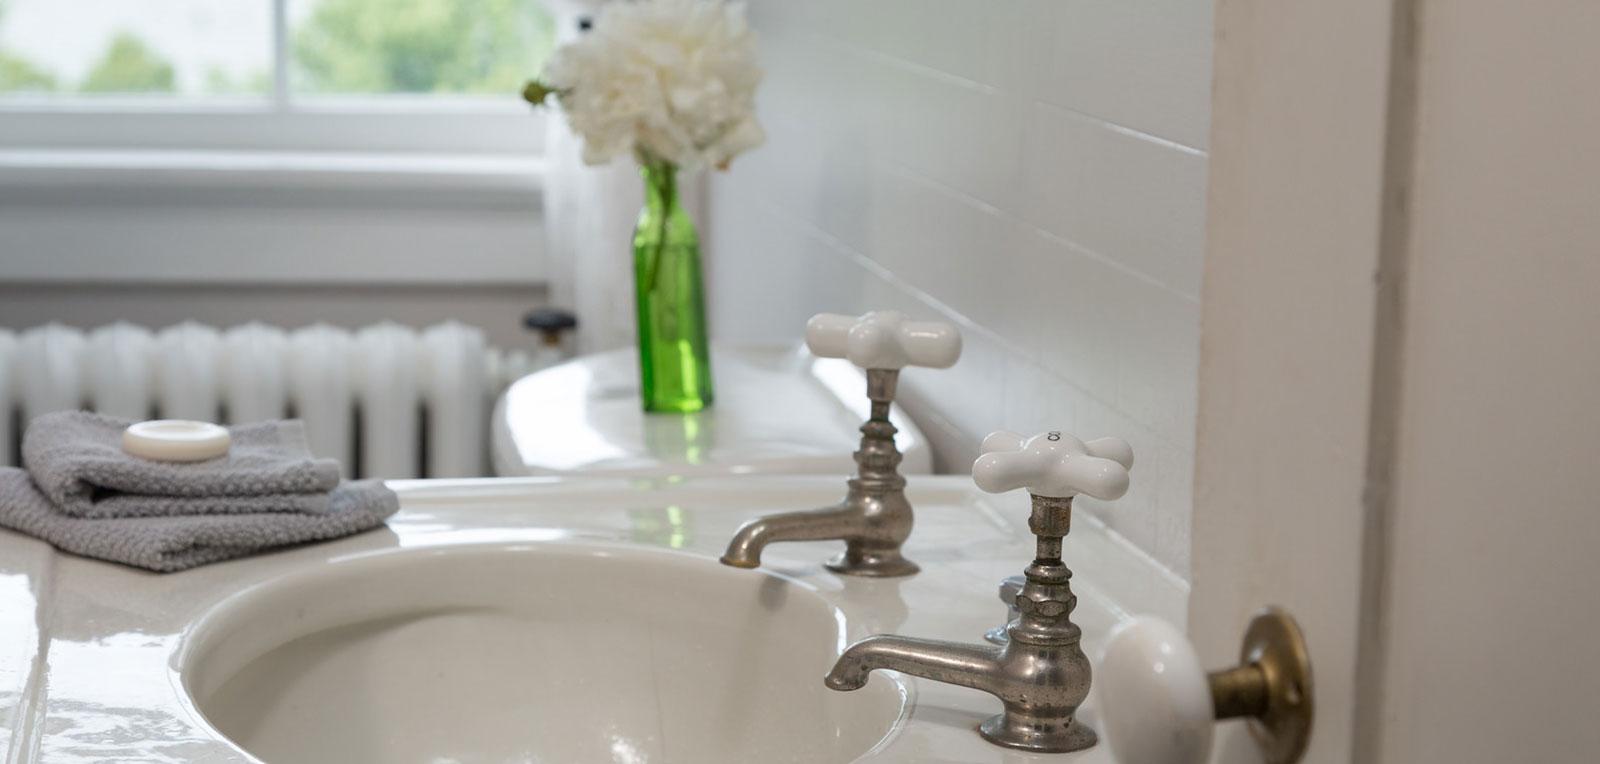 Admiral Sims' Suite Bathroom Faucet | ADMIRAL SIMS B&B, Newport Rhode Island